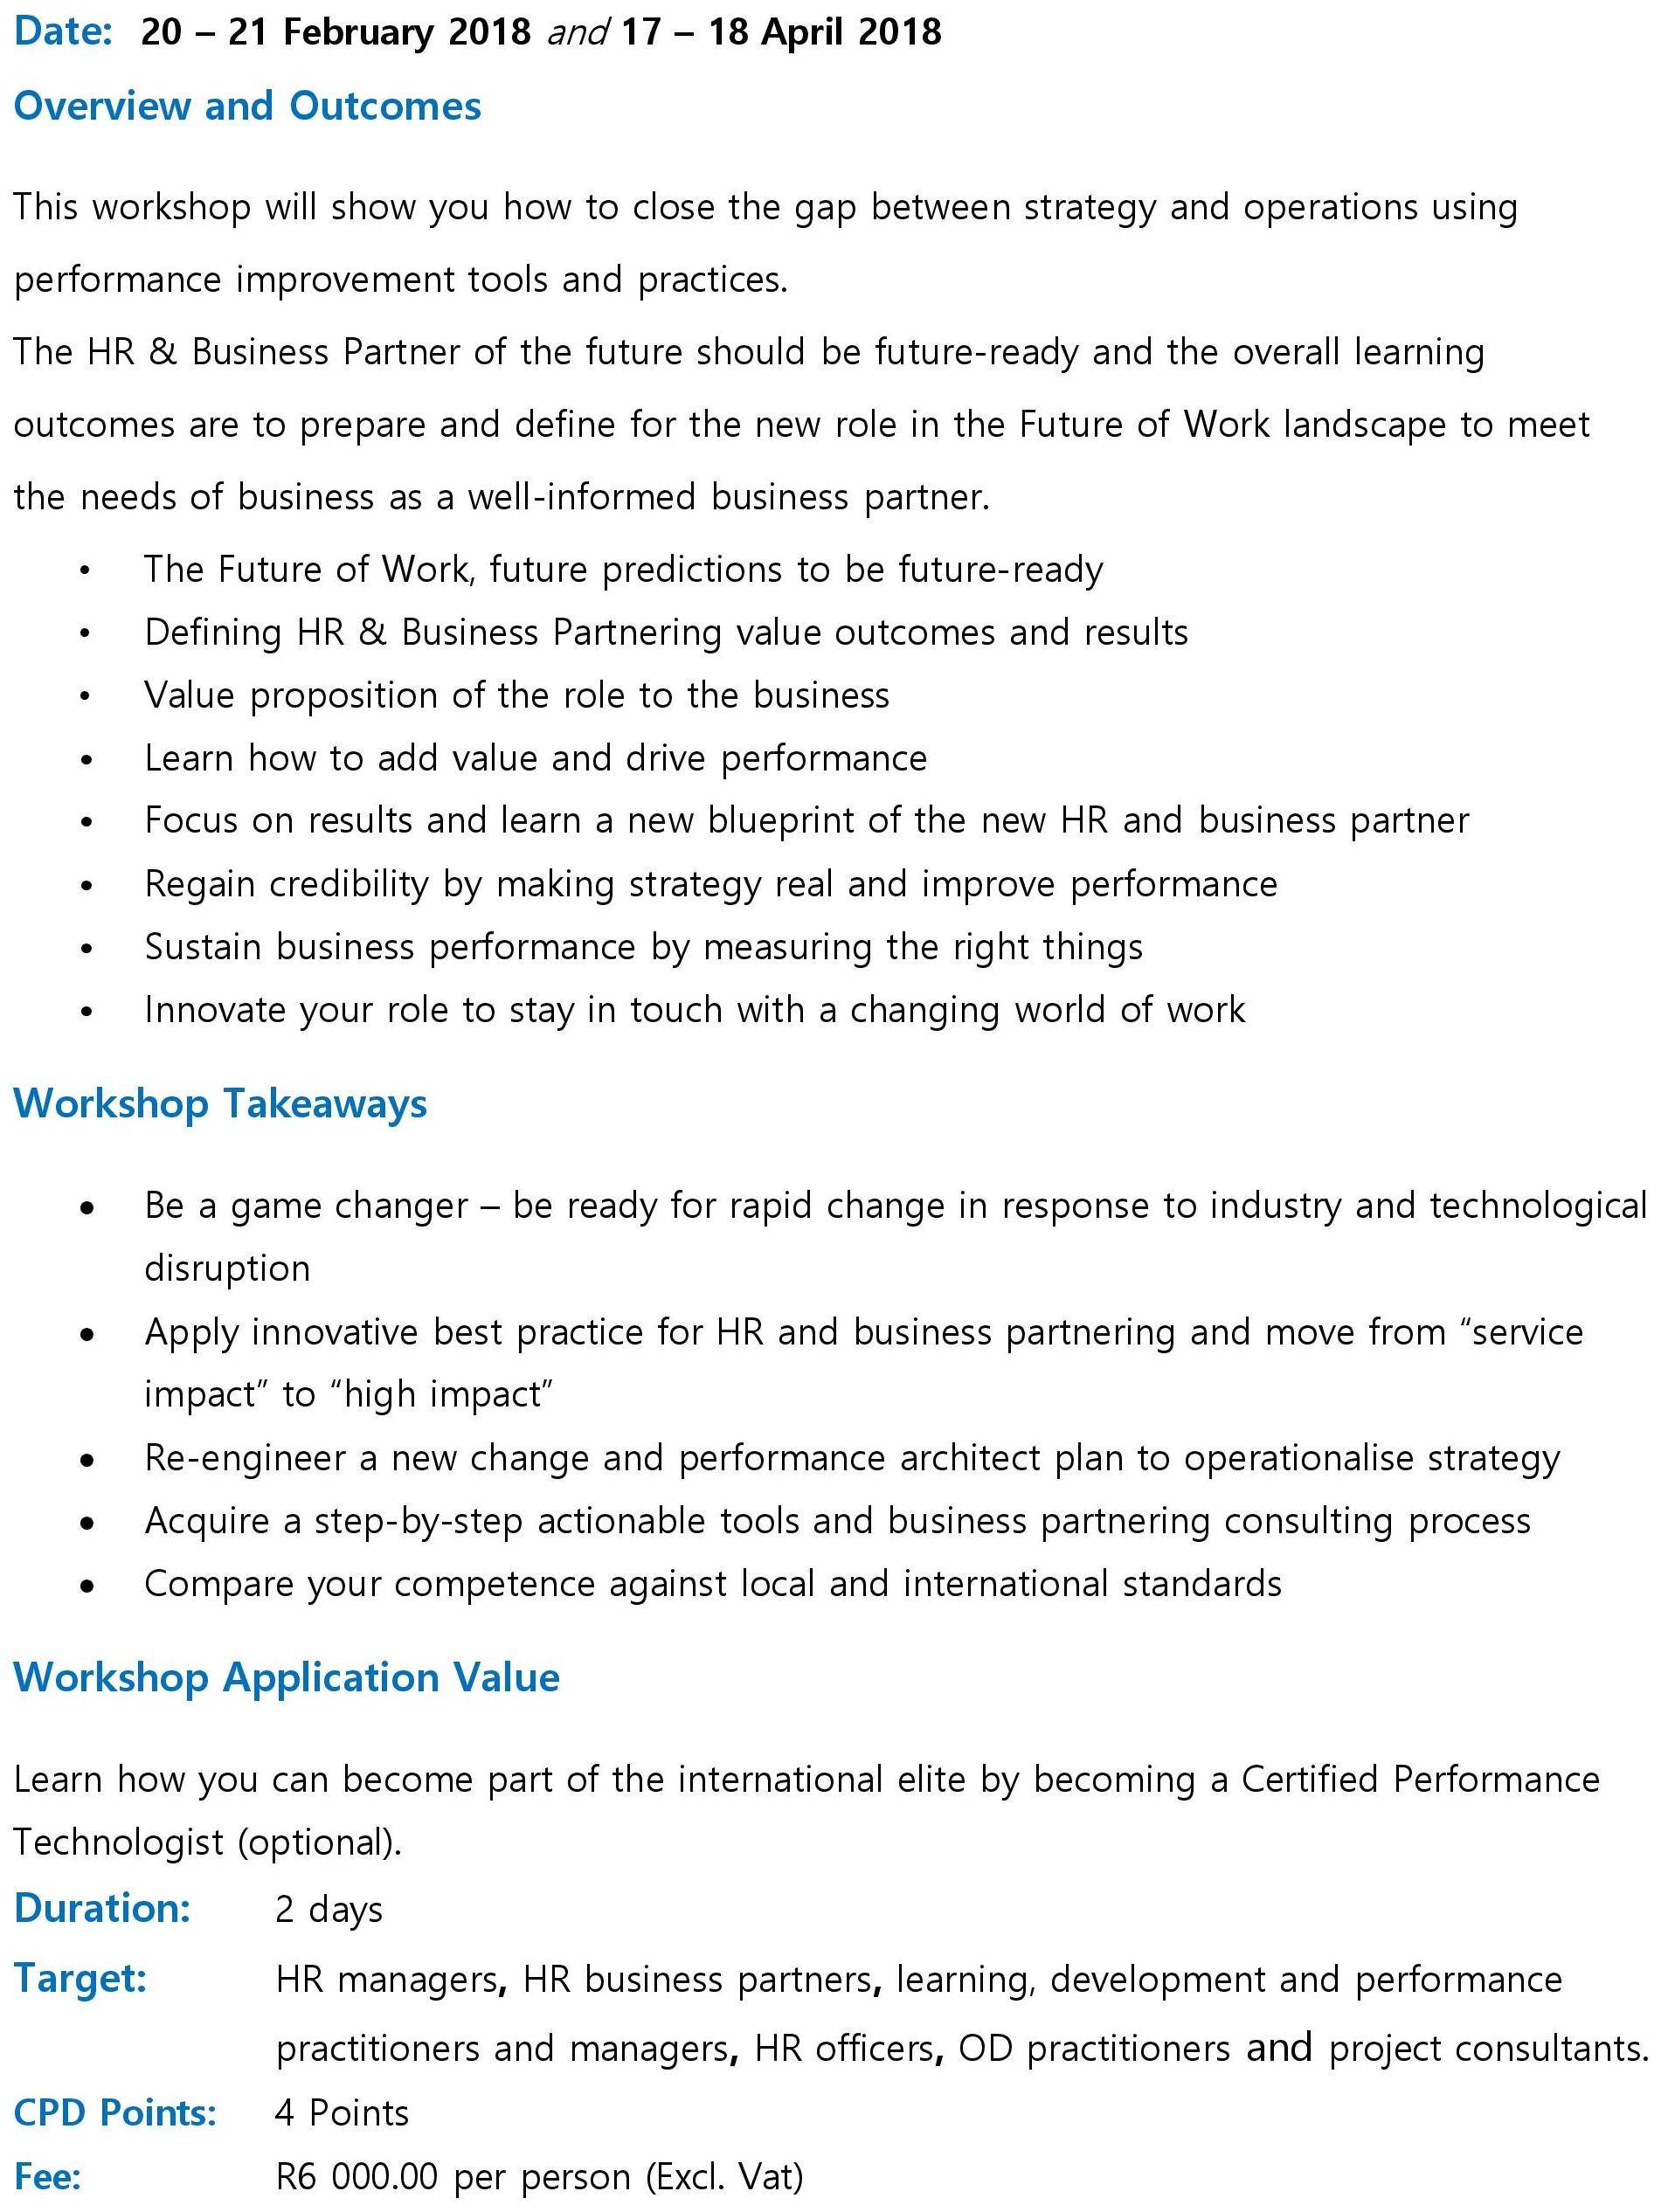 HR Business Partnering Workshop Brochure